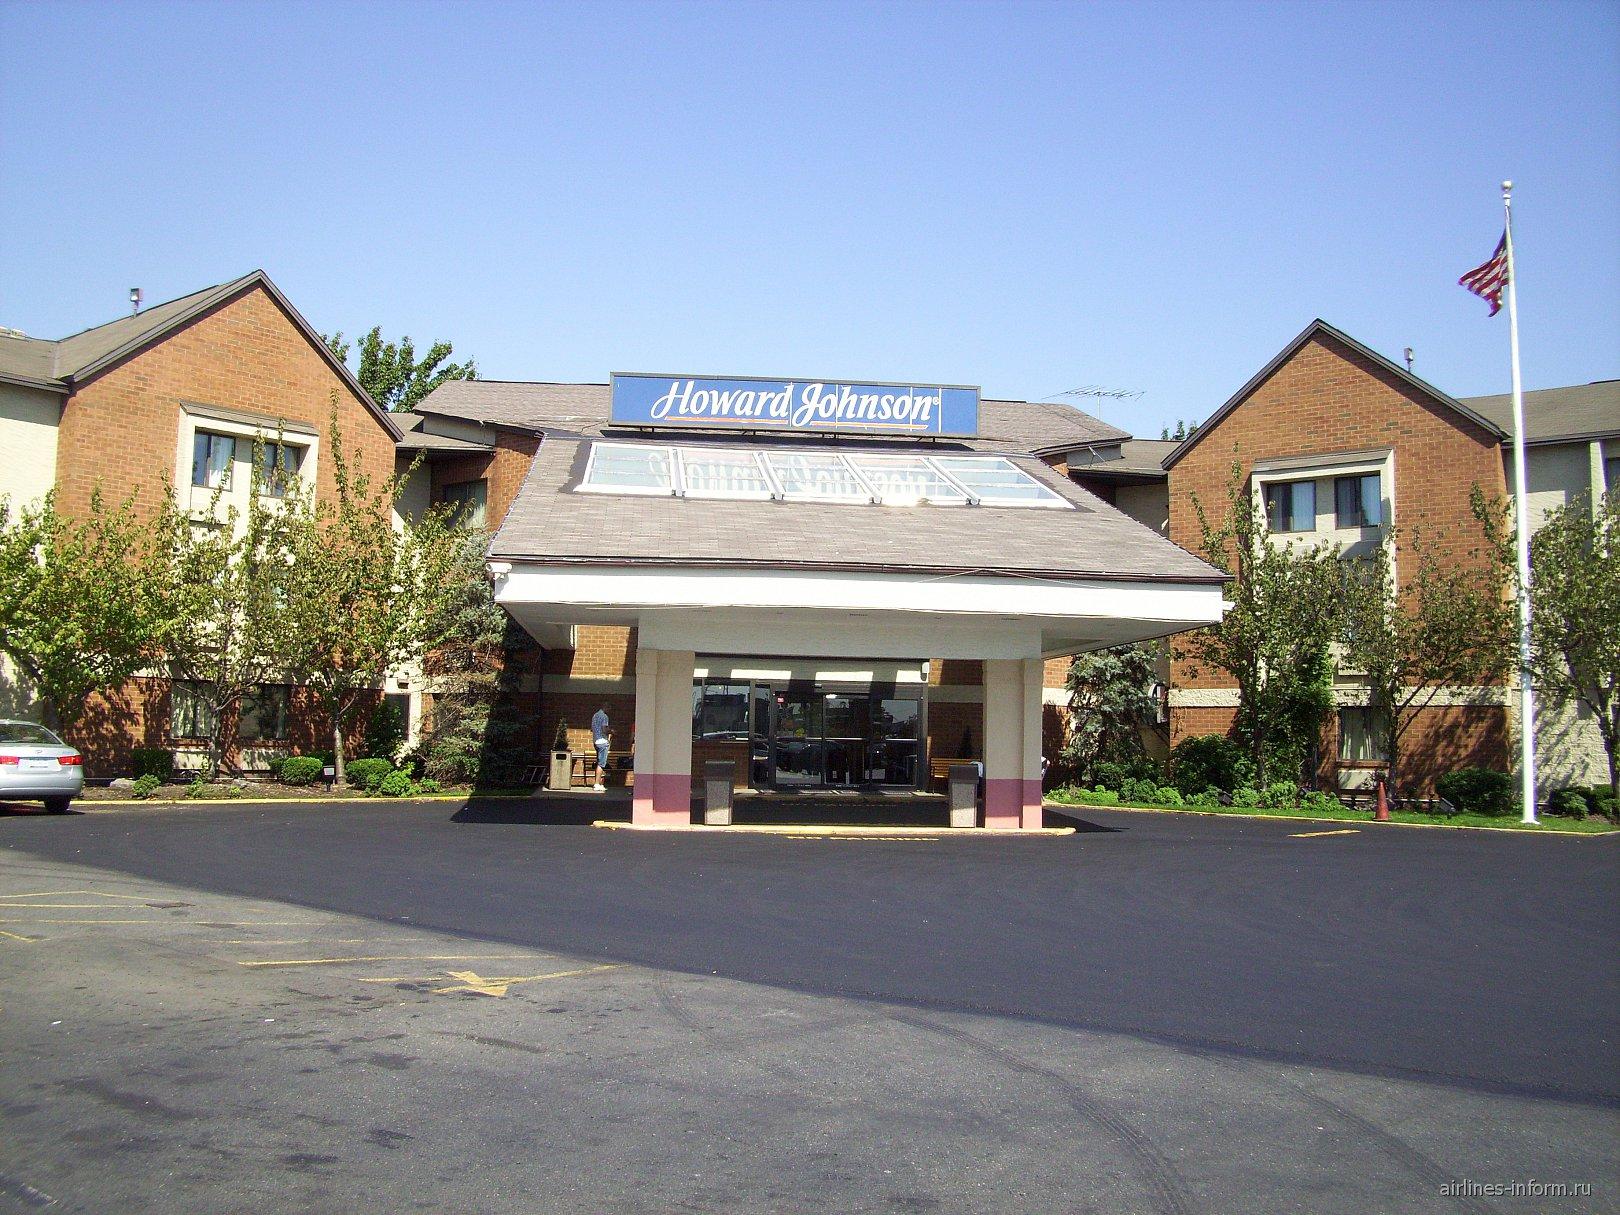 Гостиница в аэропорту Ньюарк